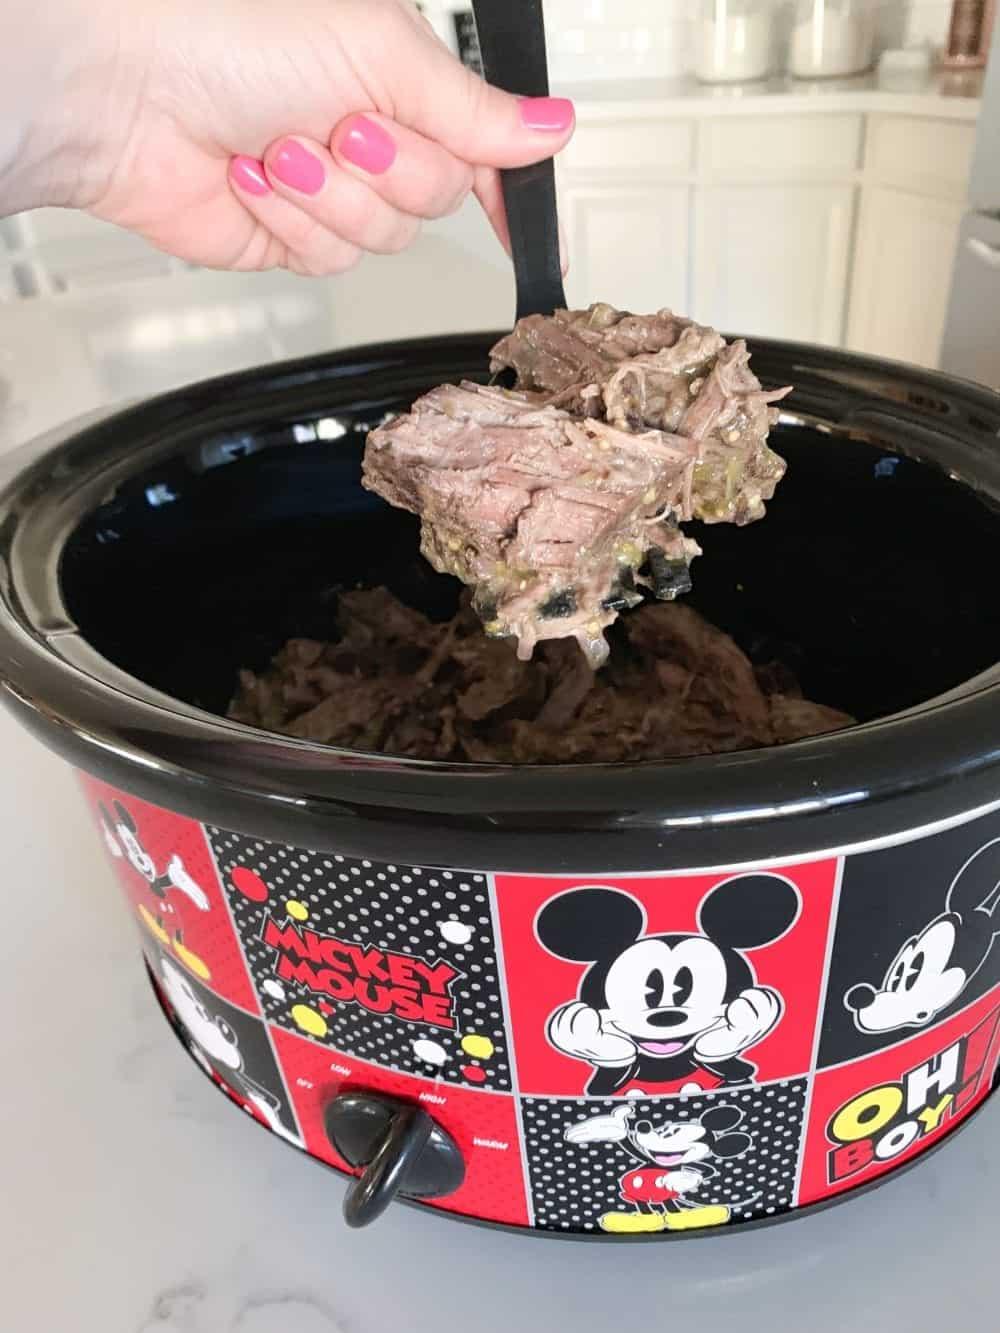 shredded beef recipe in crockpot